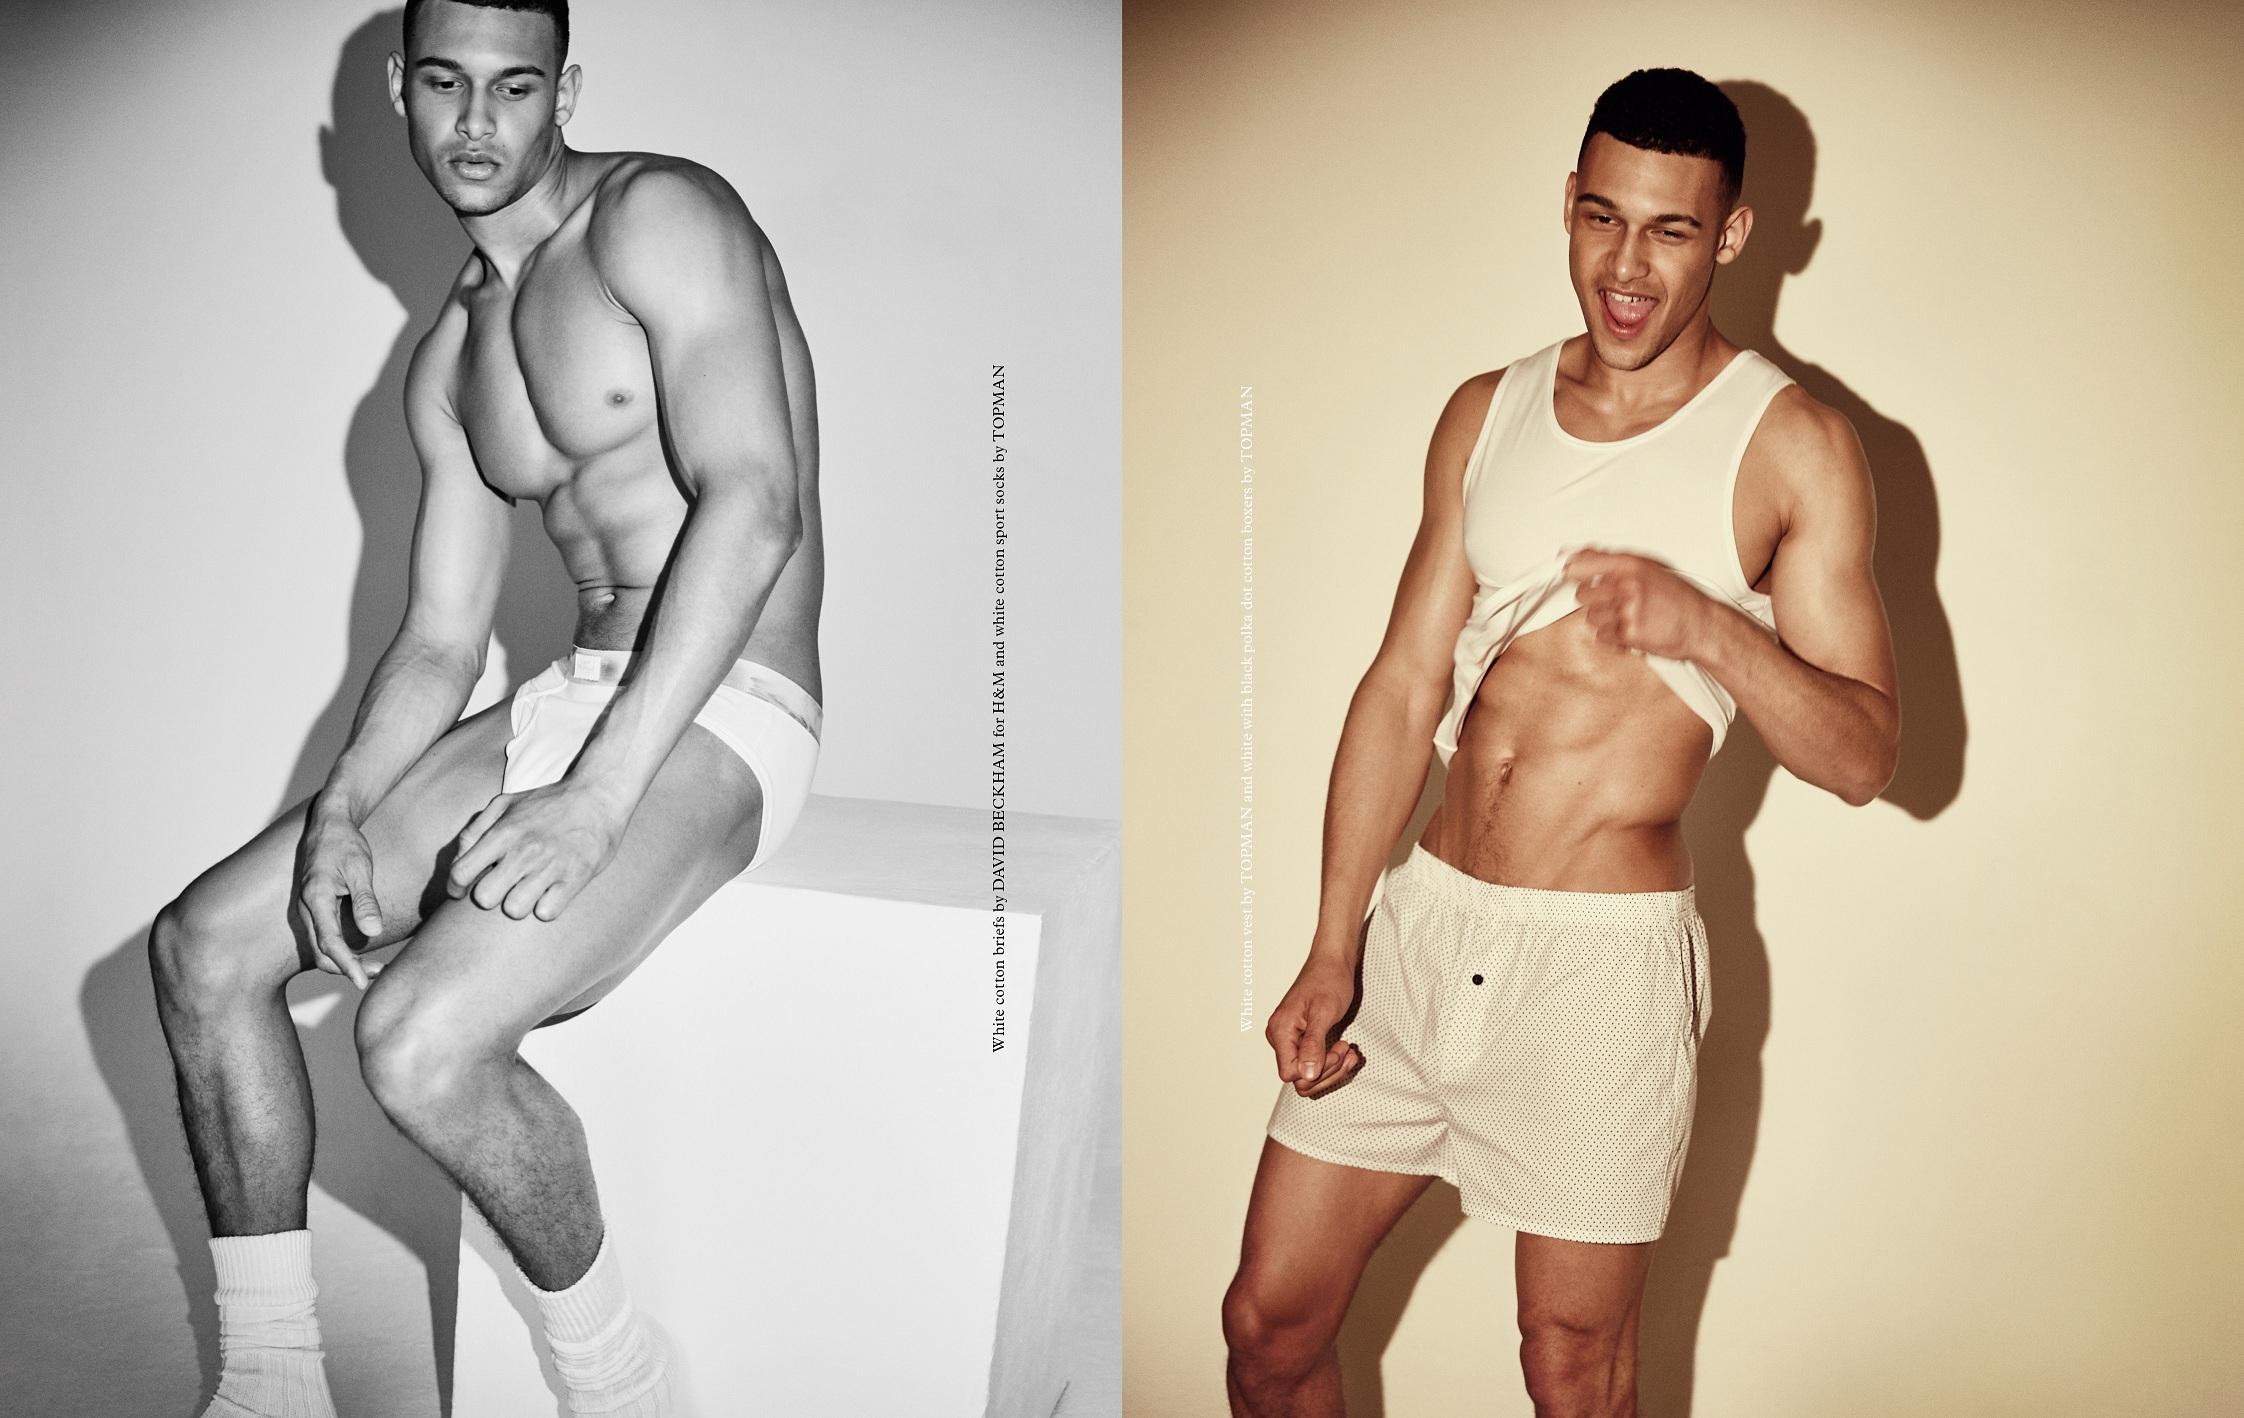 Brandon Lewis Stars in 'Flex' Underwear Shoot for One New Change